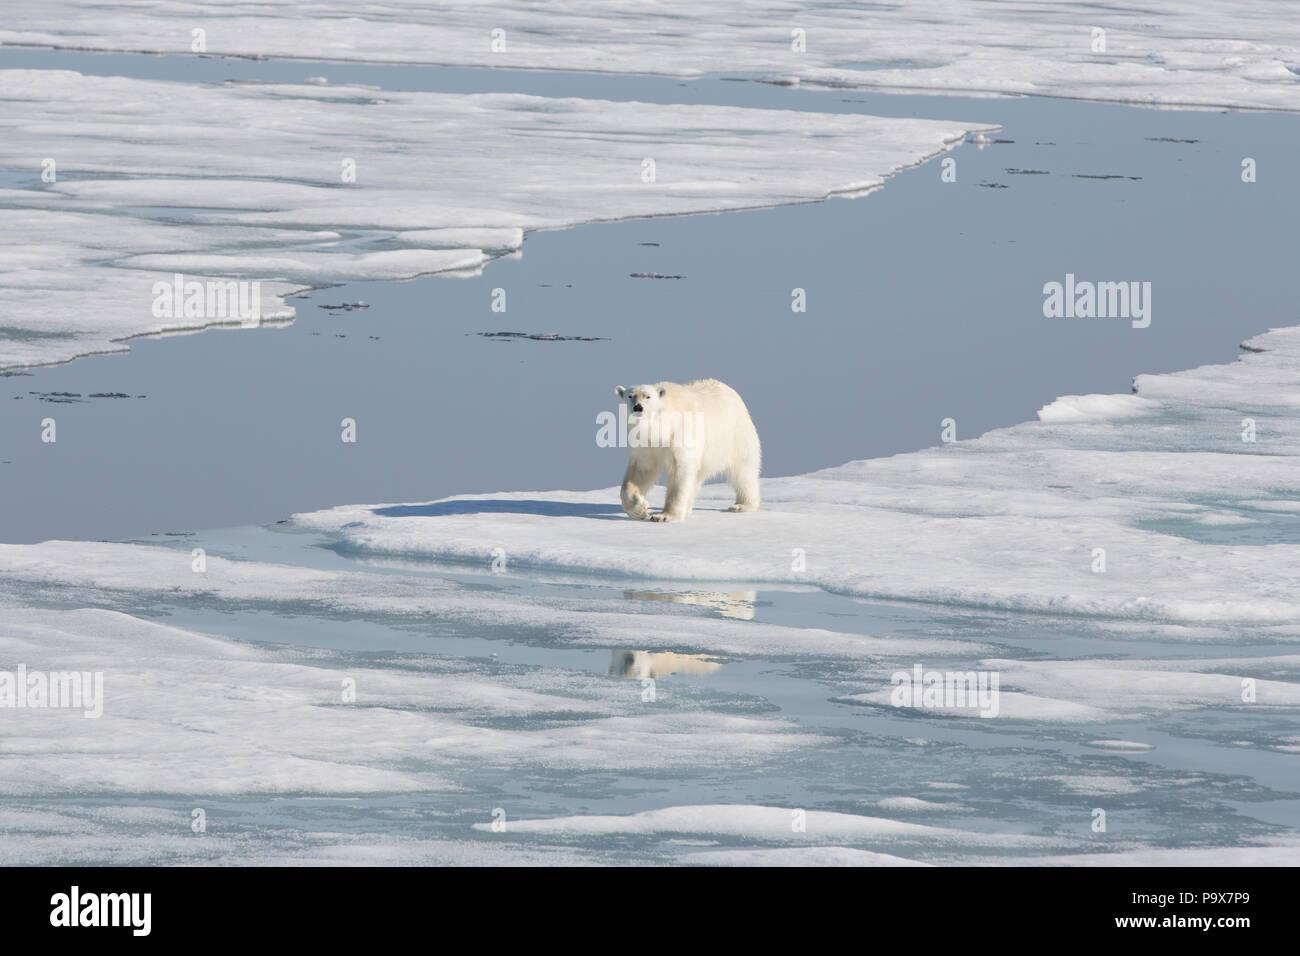 L'ours polaire sur la marche de l'océan Arctique gelé près de Svalbard Banque D'Images